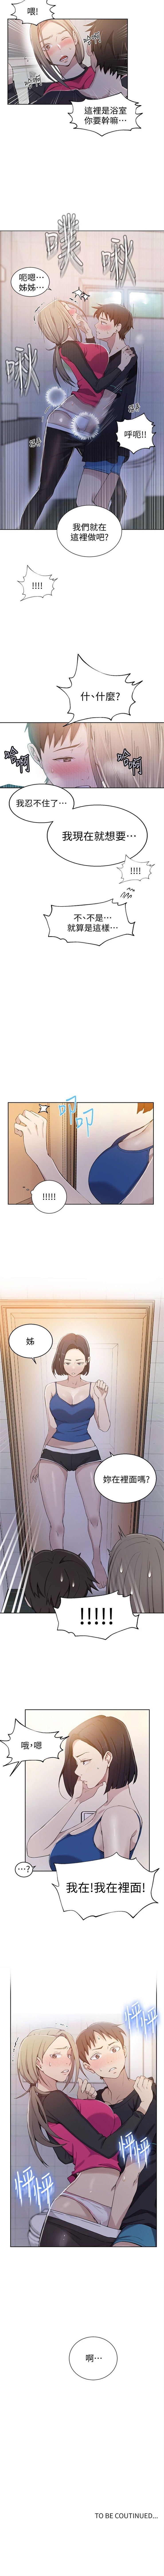 秘密教學  1-50 官方中文(連載中) 212